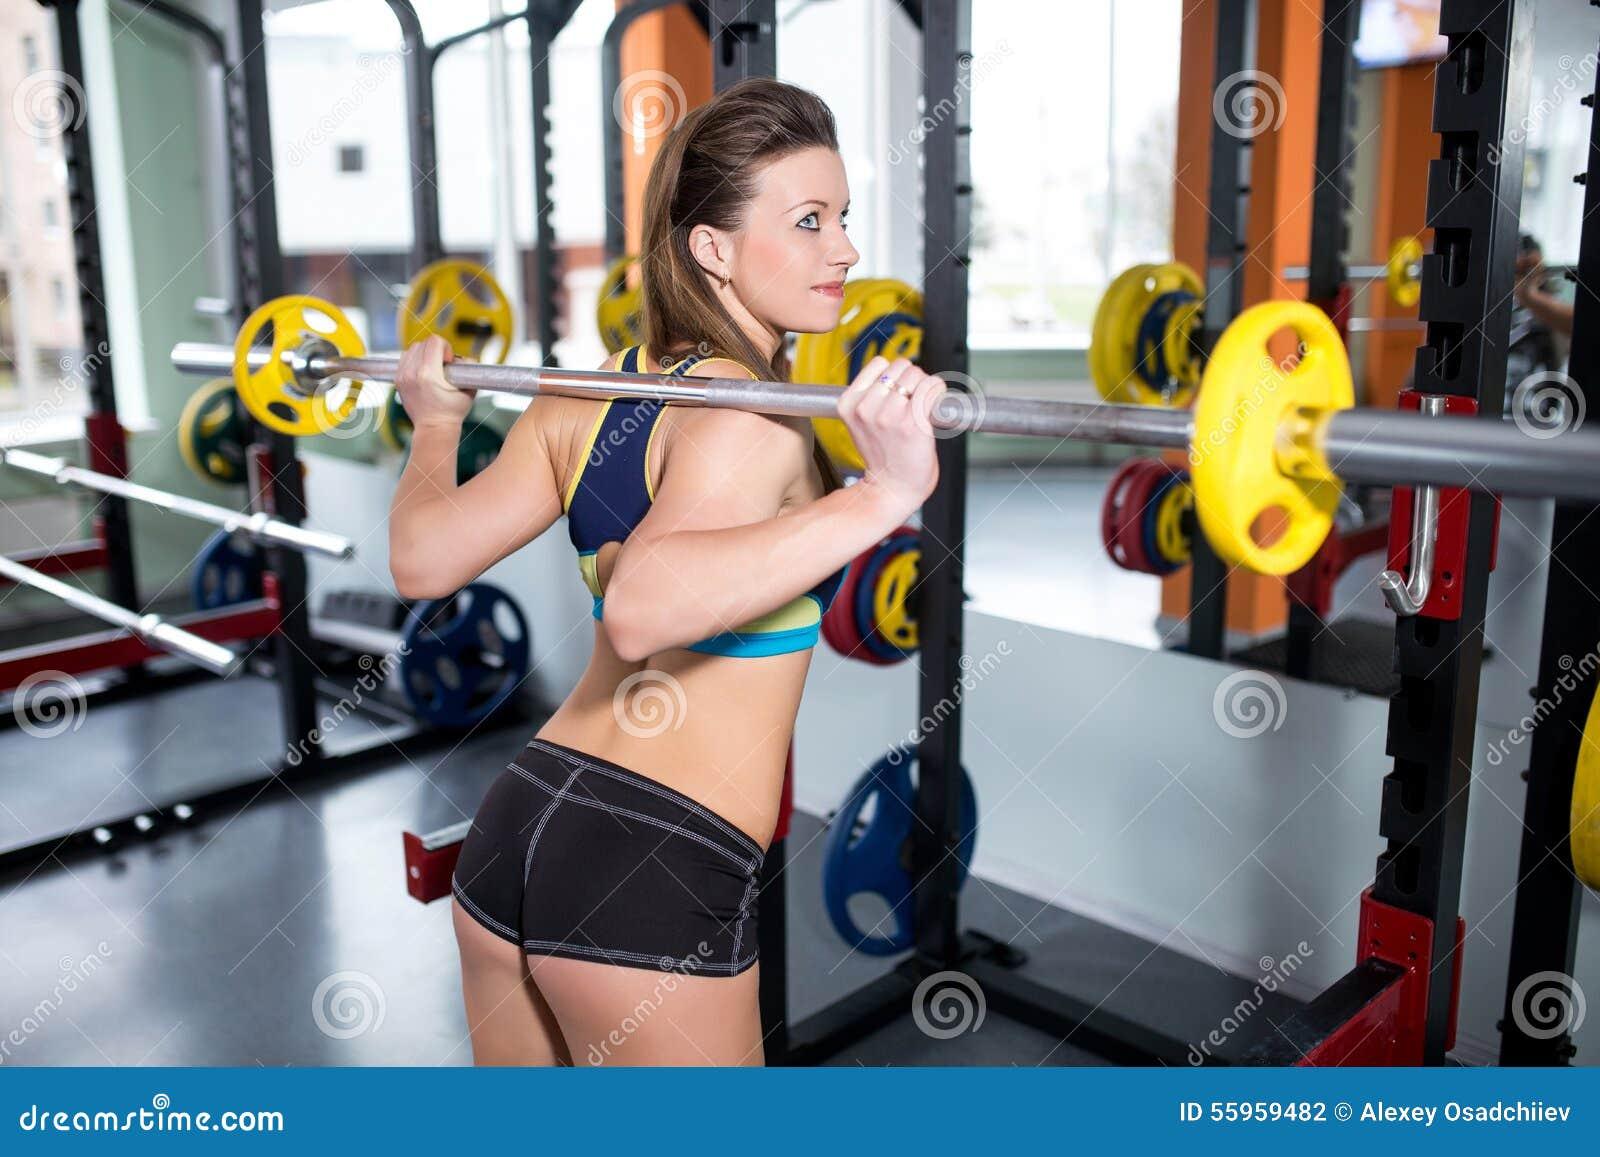 参与健身房运动女孩 库存照片